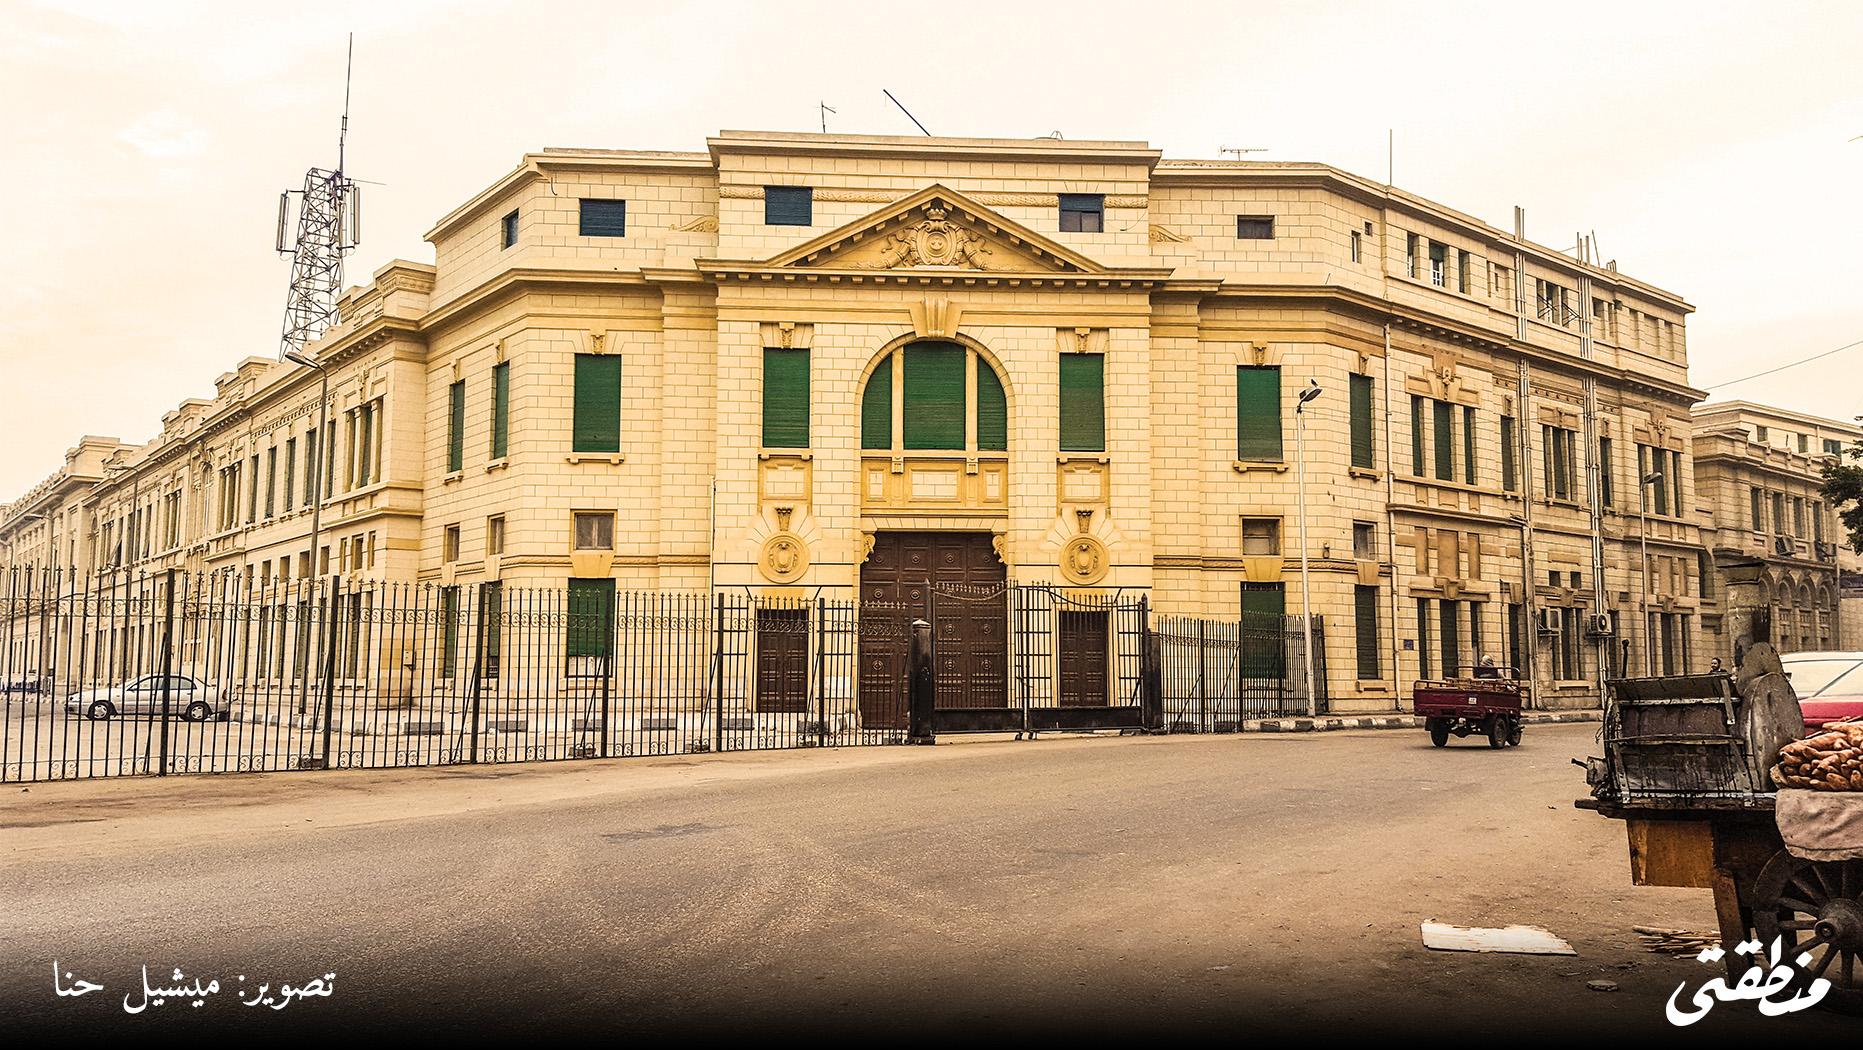 قصر عابدين تصوير ميشيل حنا